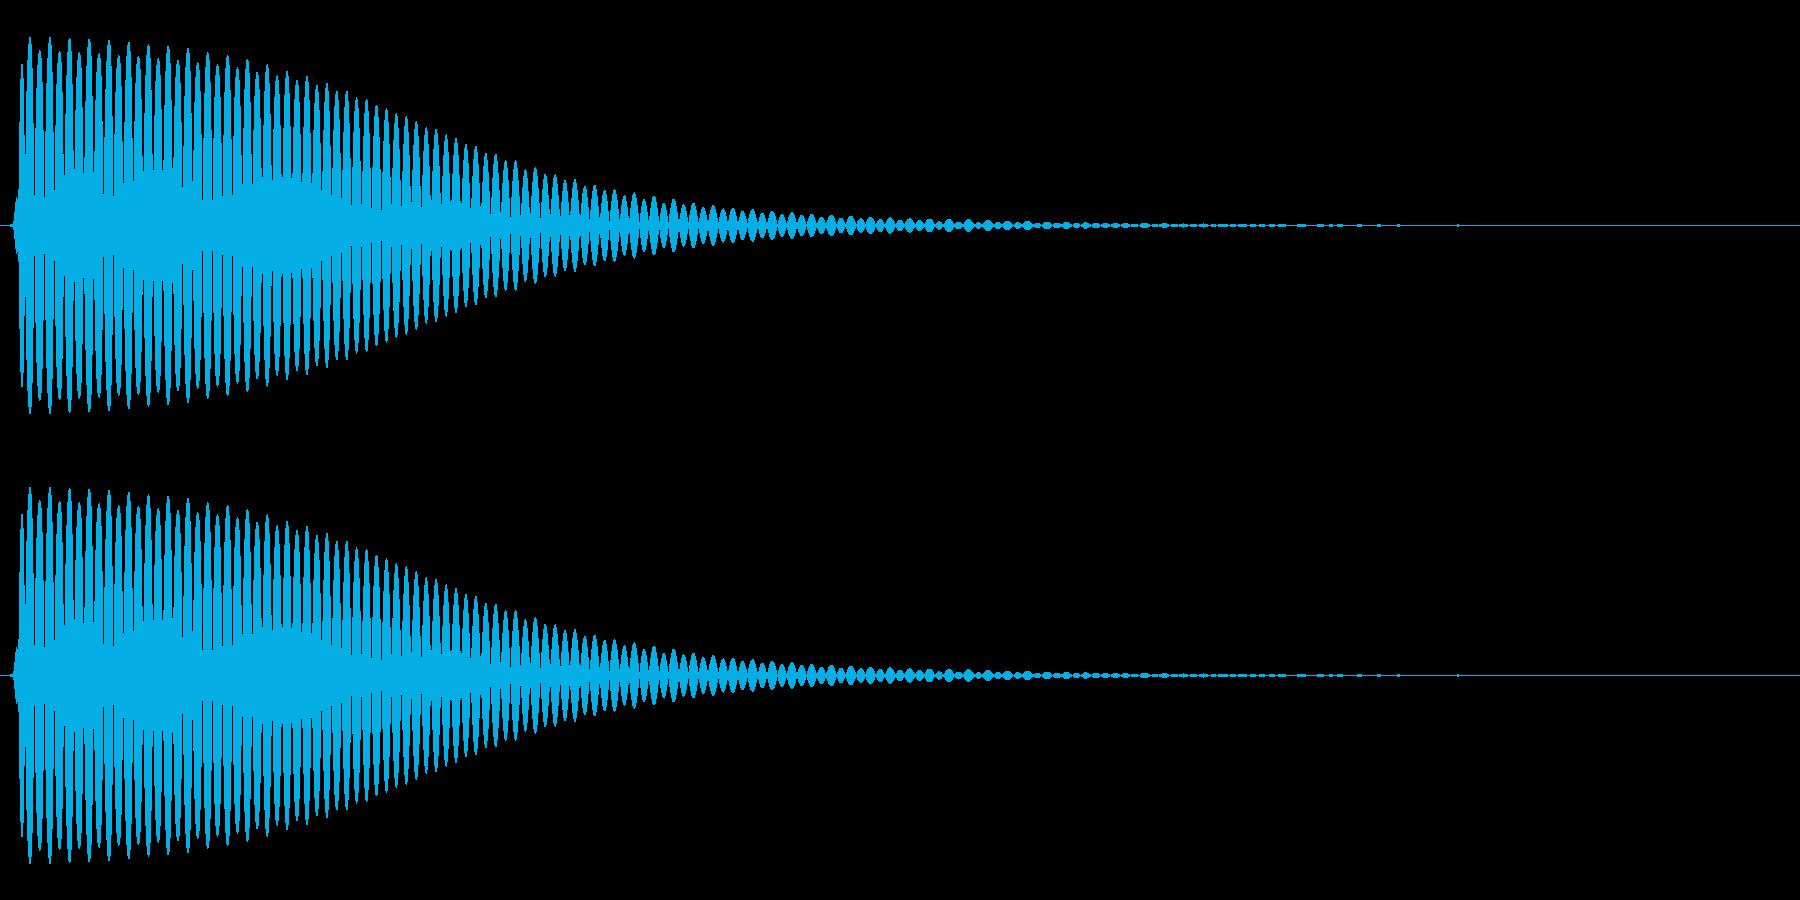 Com ファミコンなどのコマンド音 7の再生済みの波形